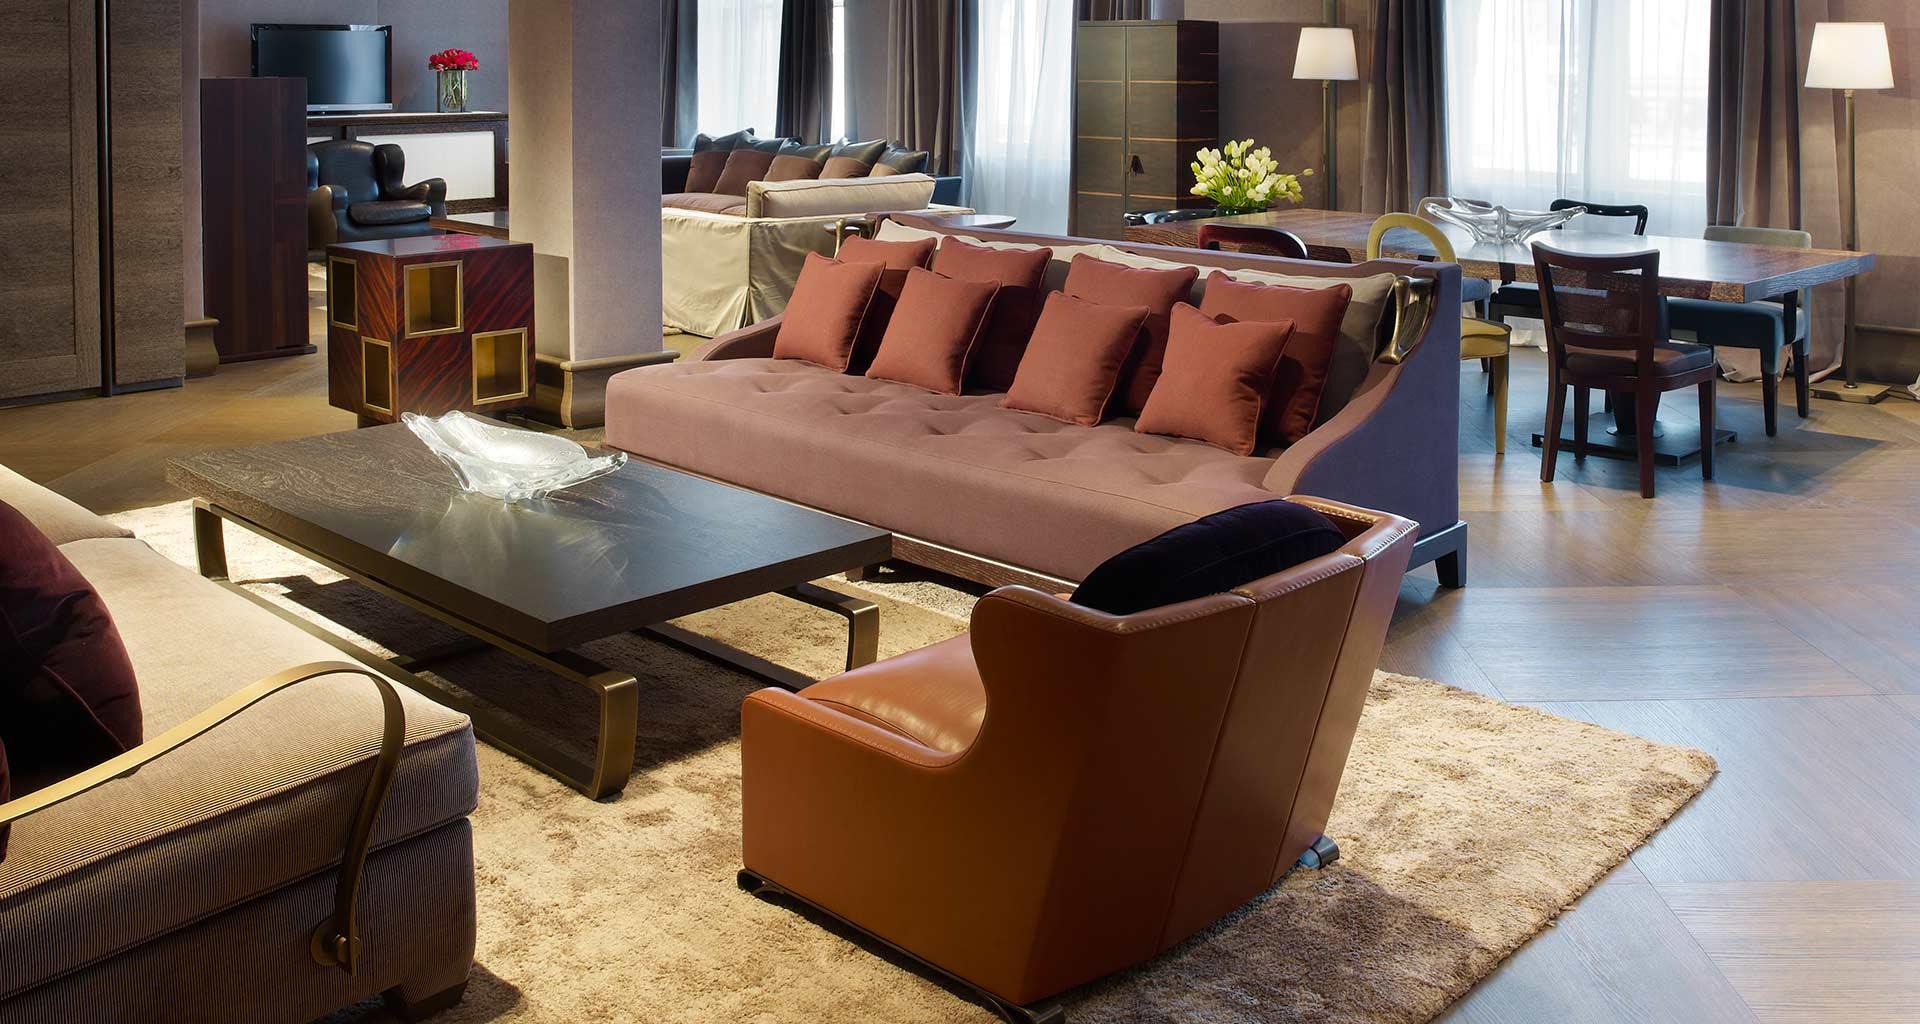 Living room in Promemoria's single-brand showroom in New York | Promemoria